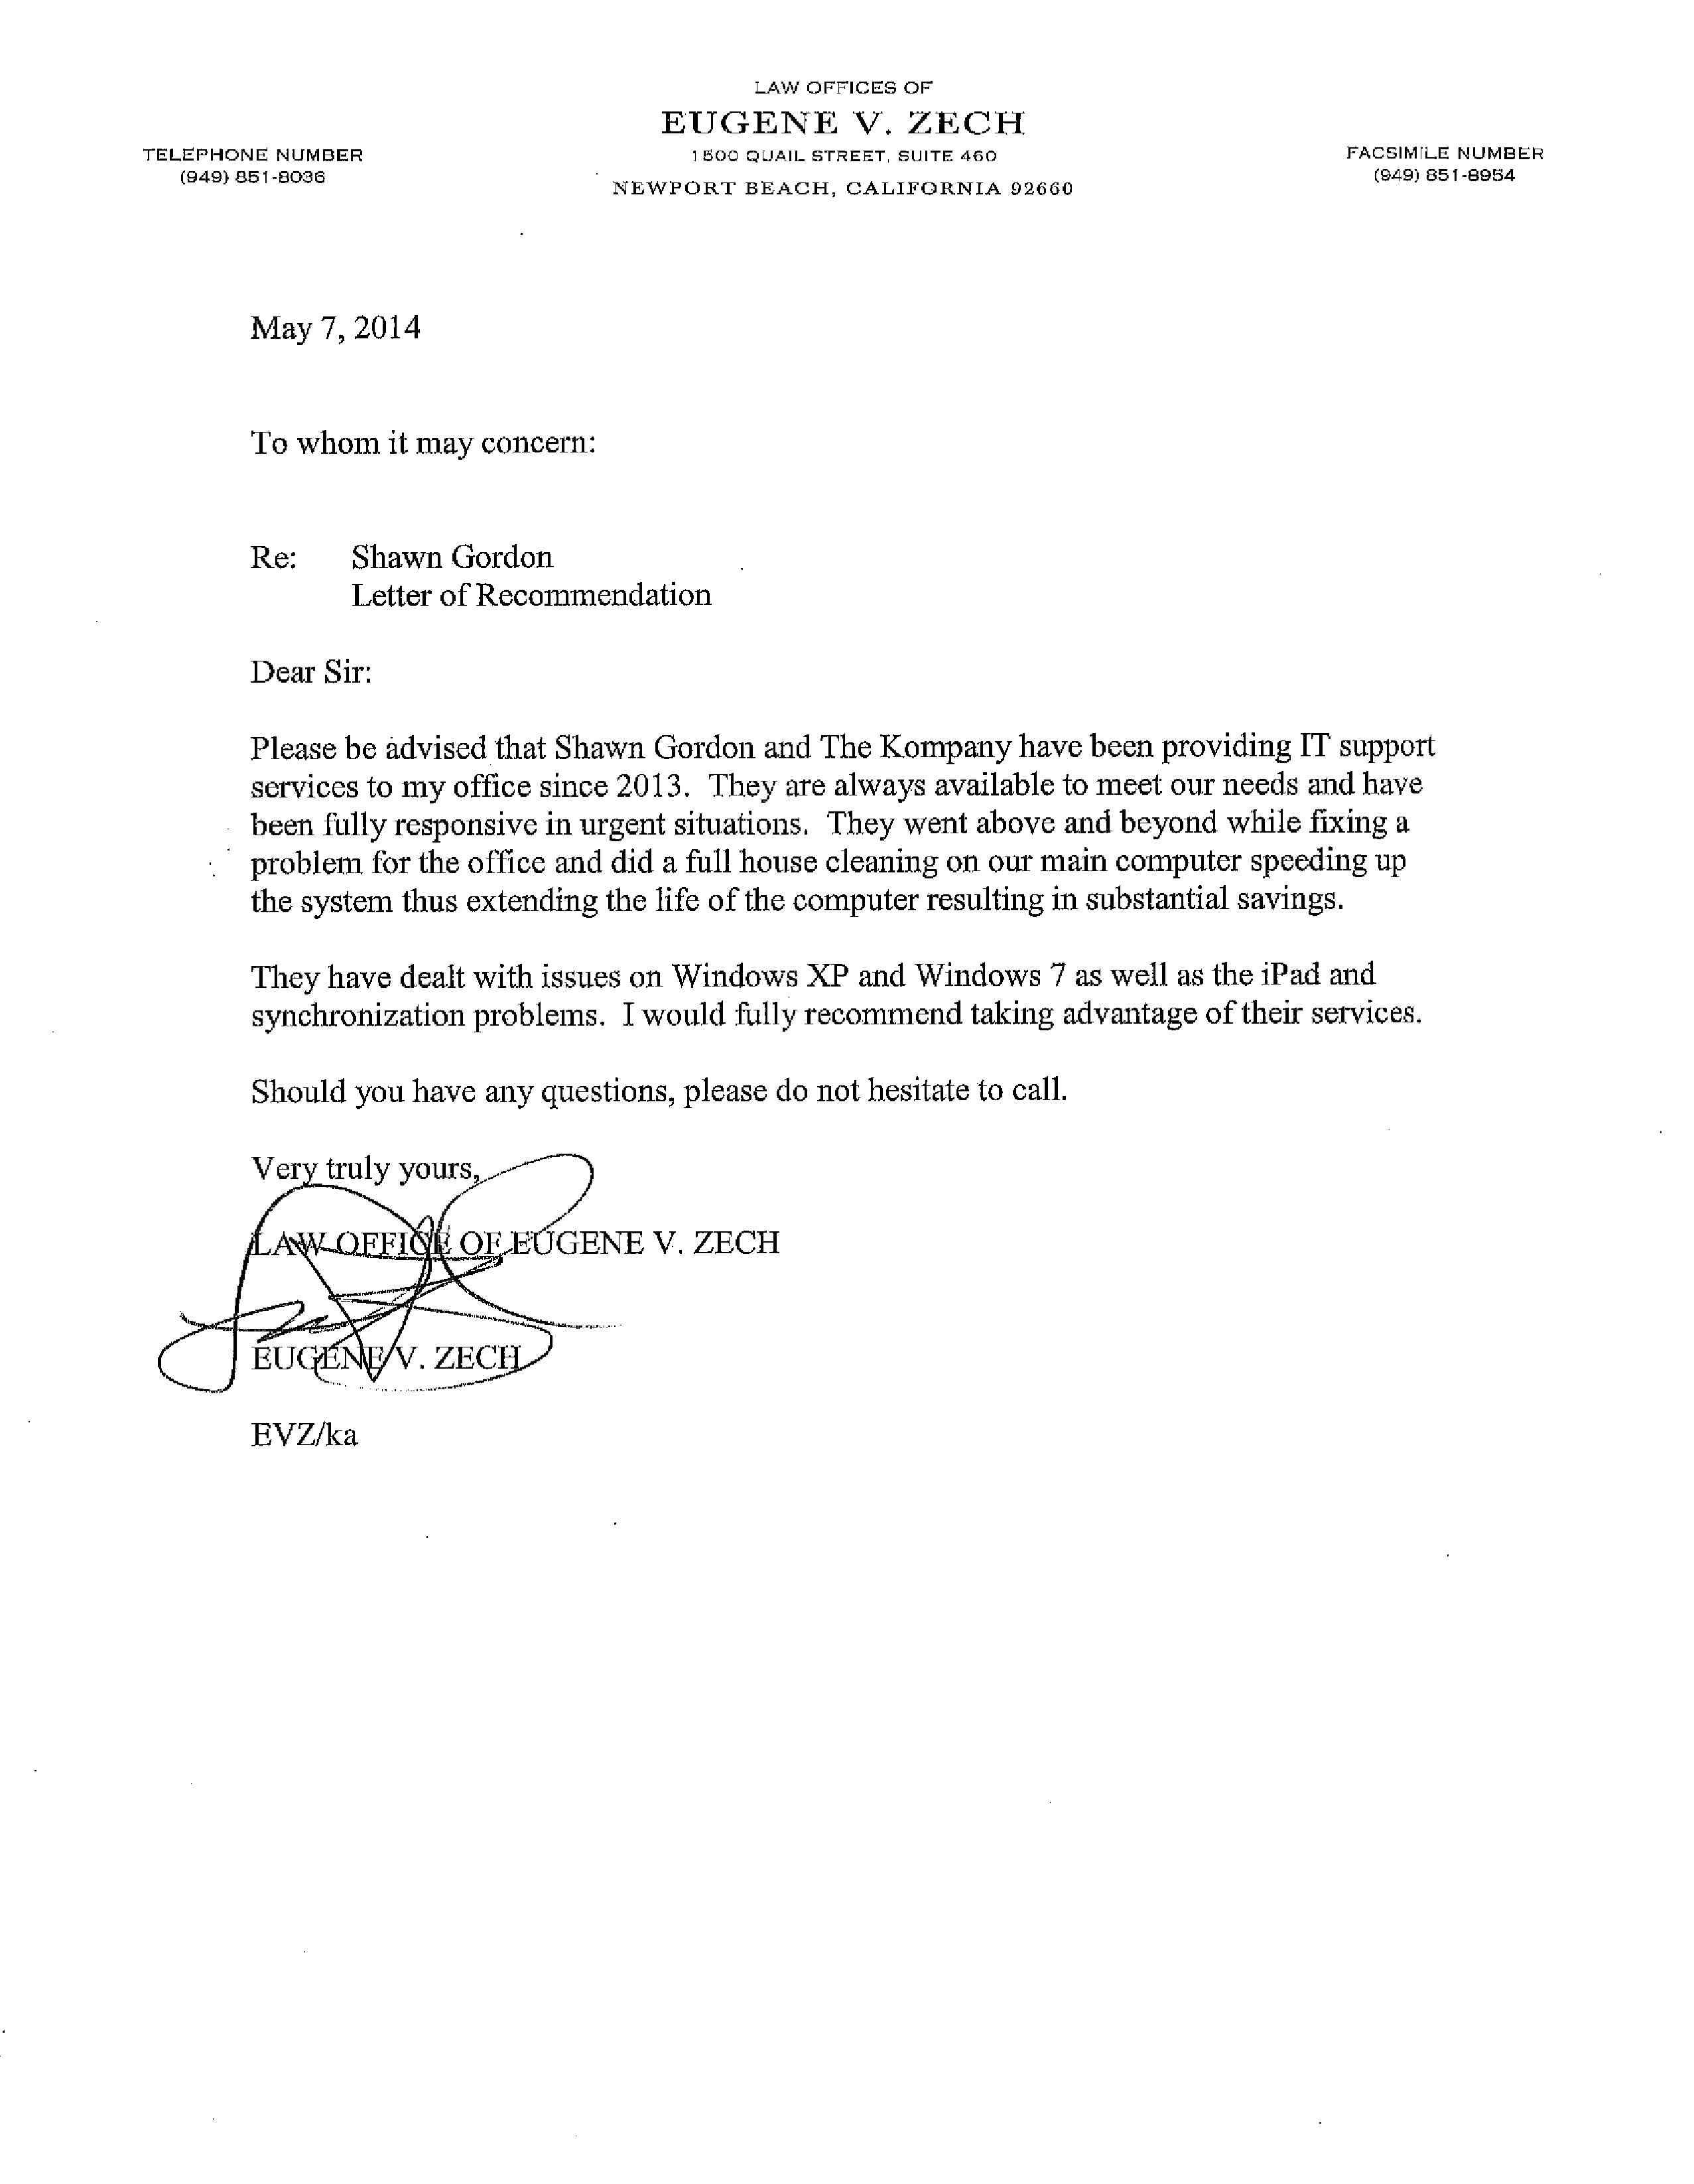 EVZ reference letter 0507141